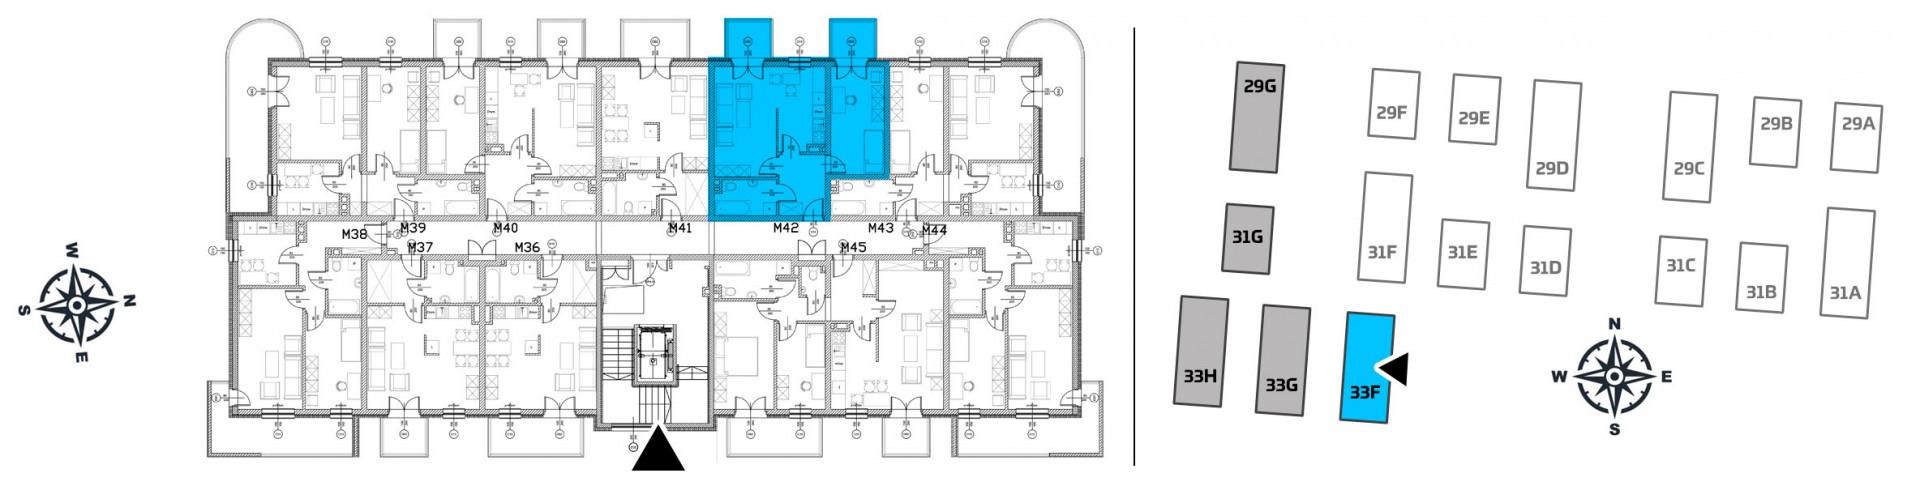 Mieszkanie dwupokojowe 33F/42 rzut 2